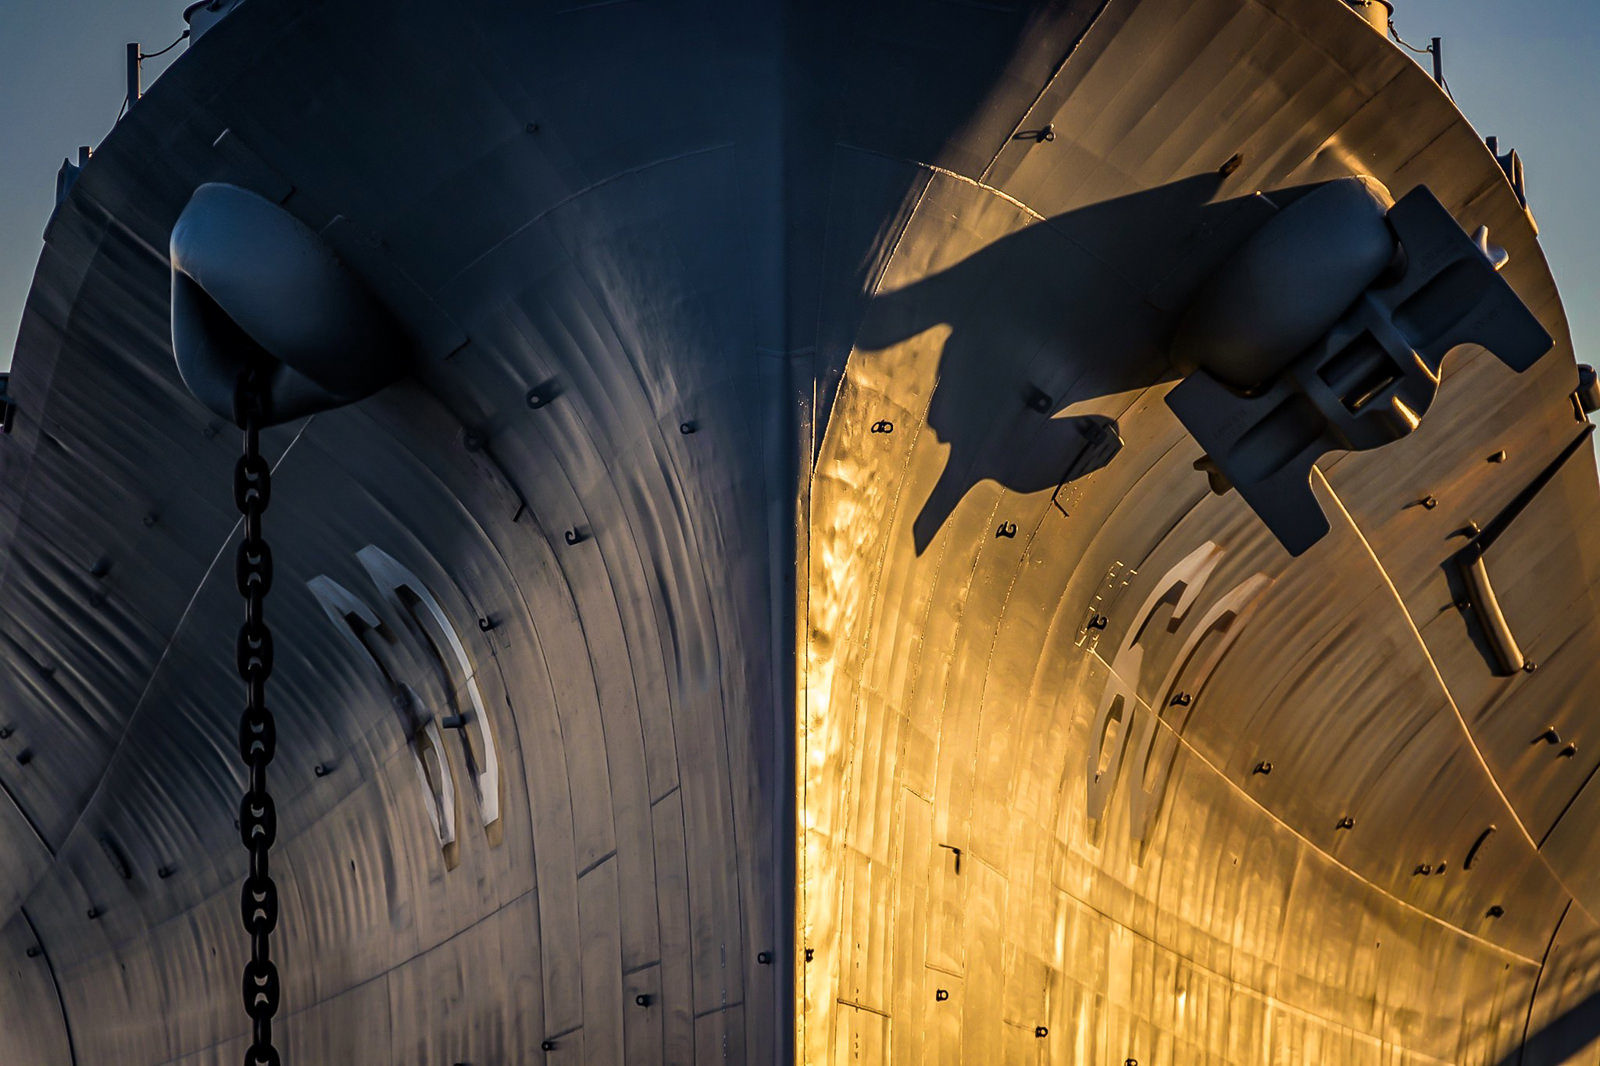 USS Alabama head on view